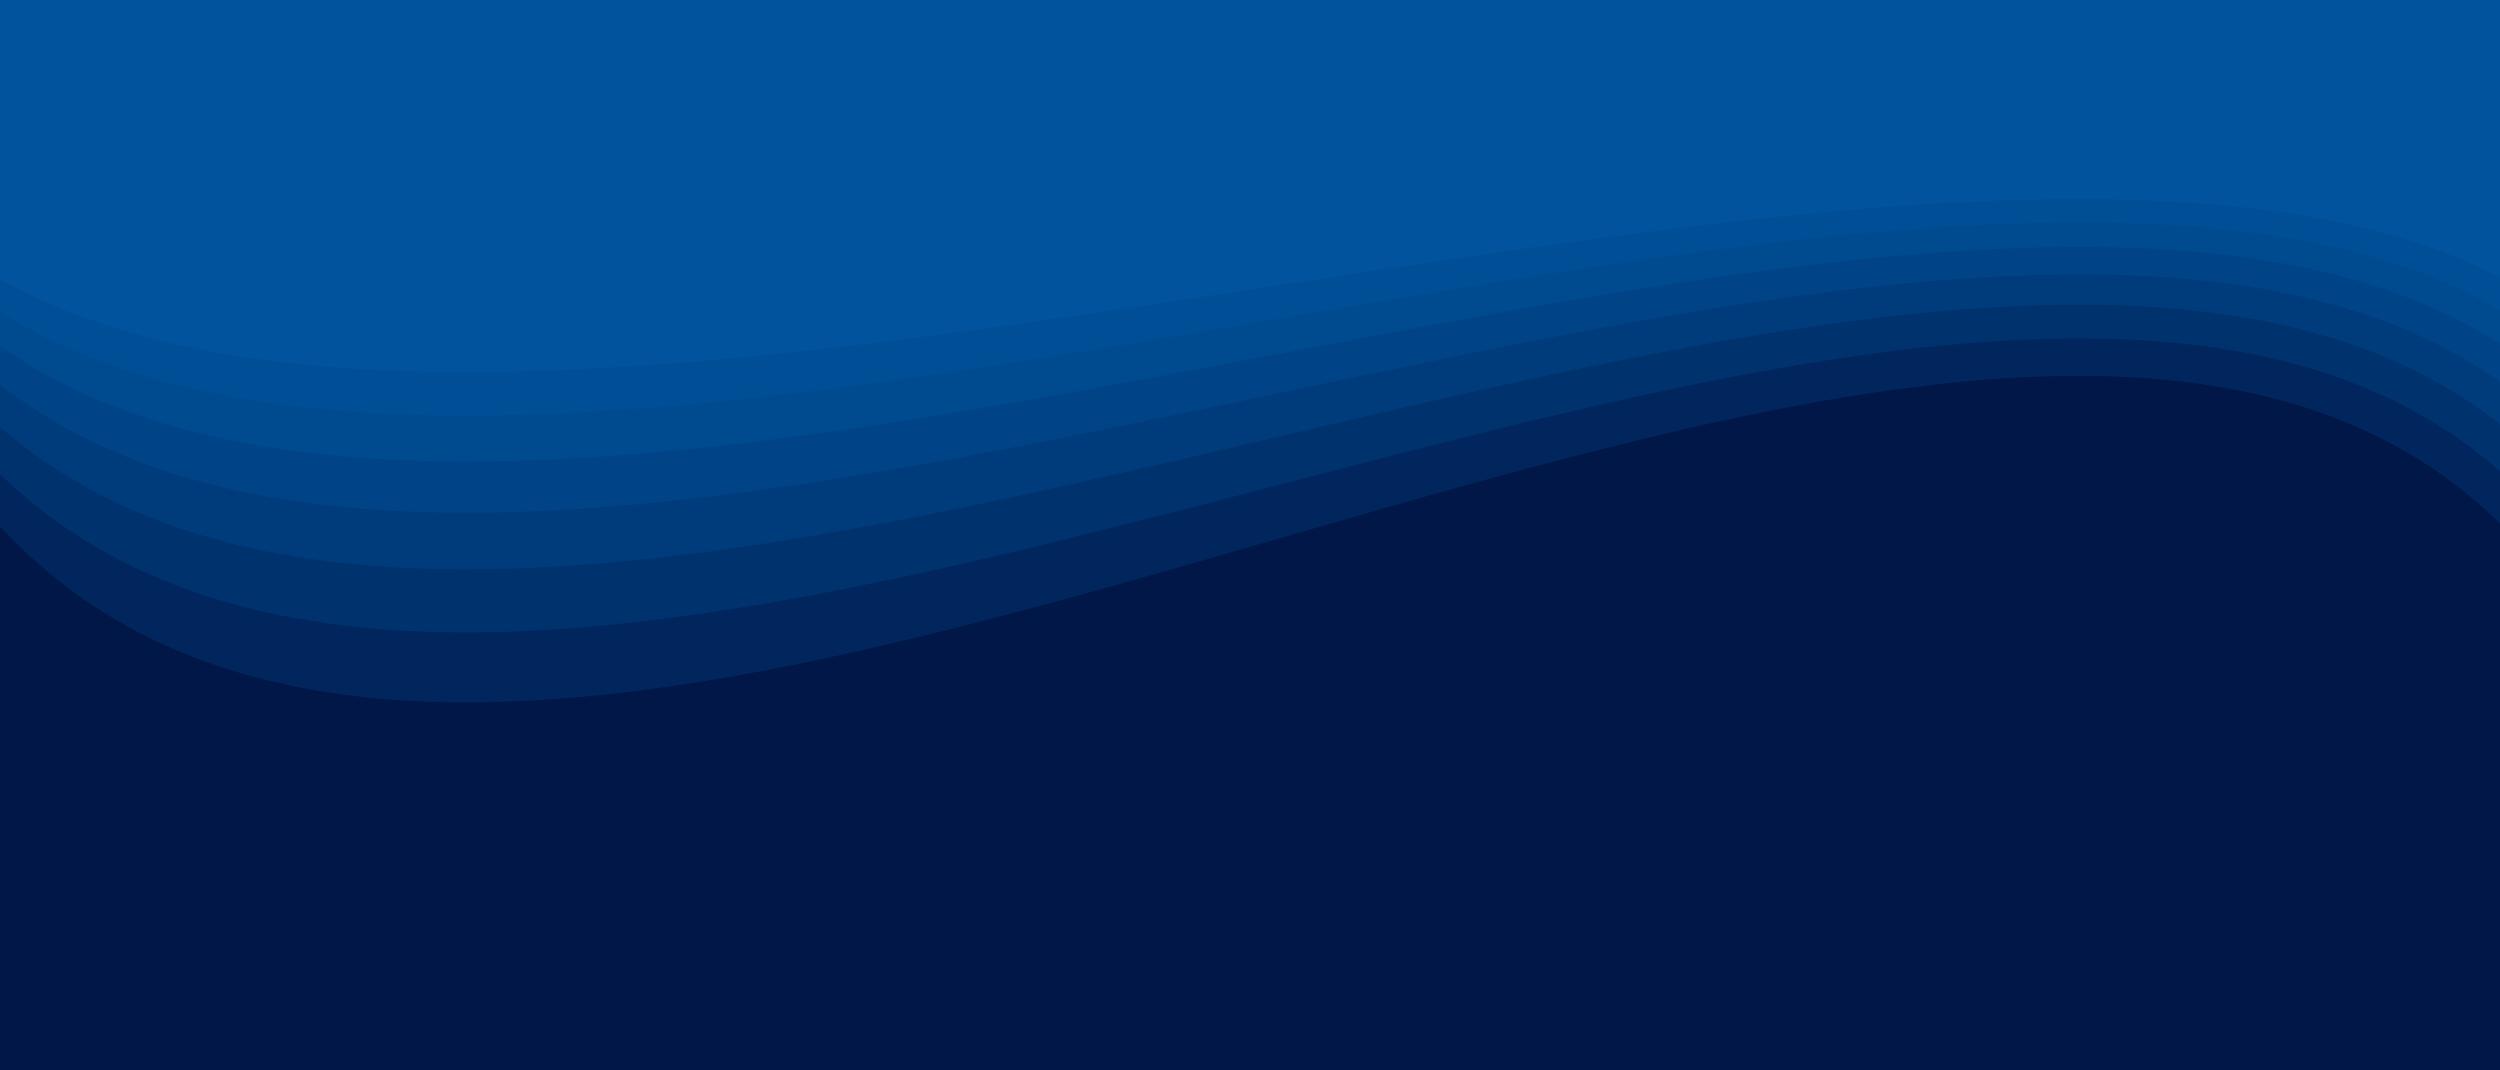 image library download Wave png image mart. Vector blue transparent